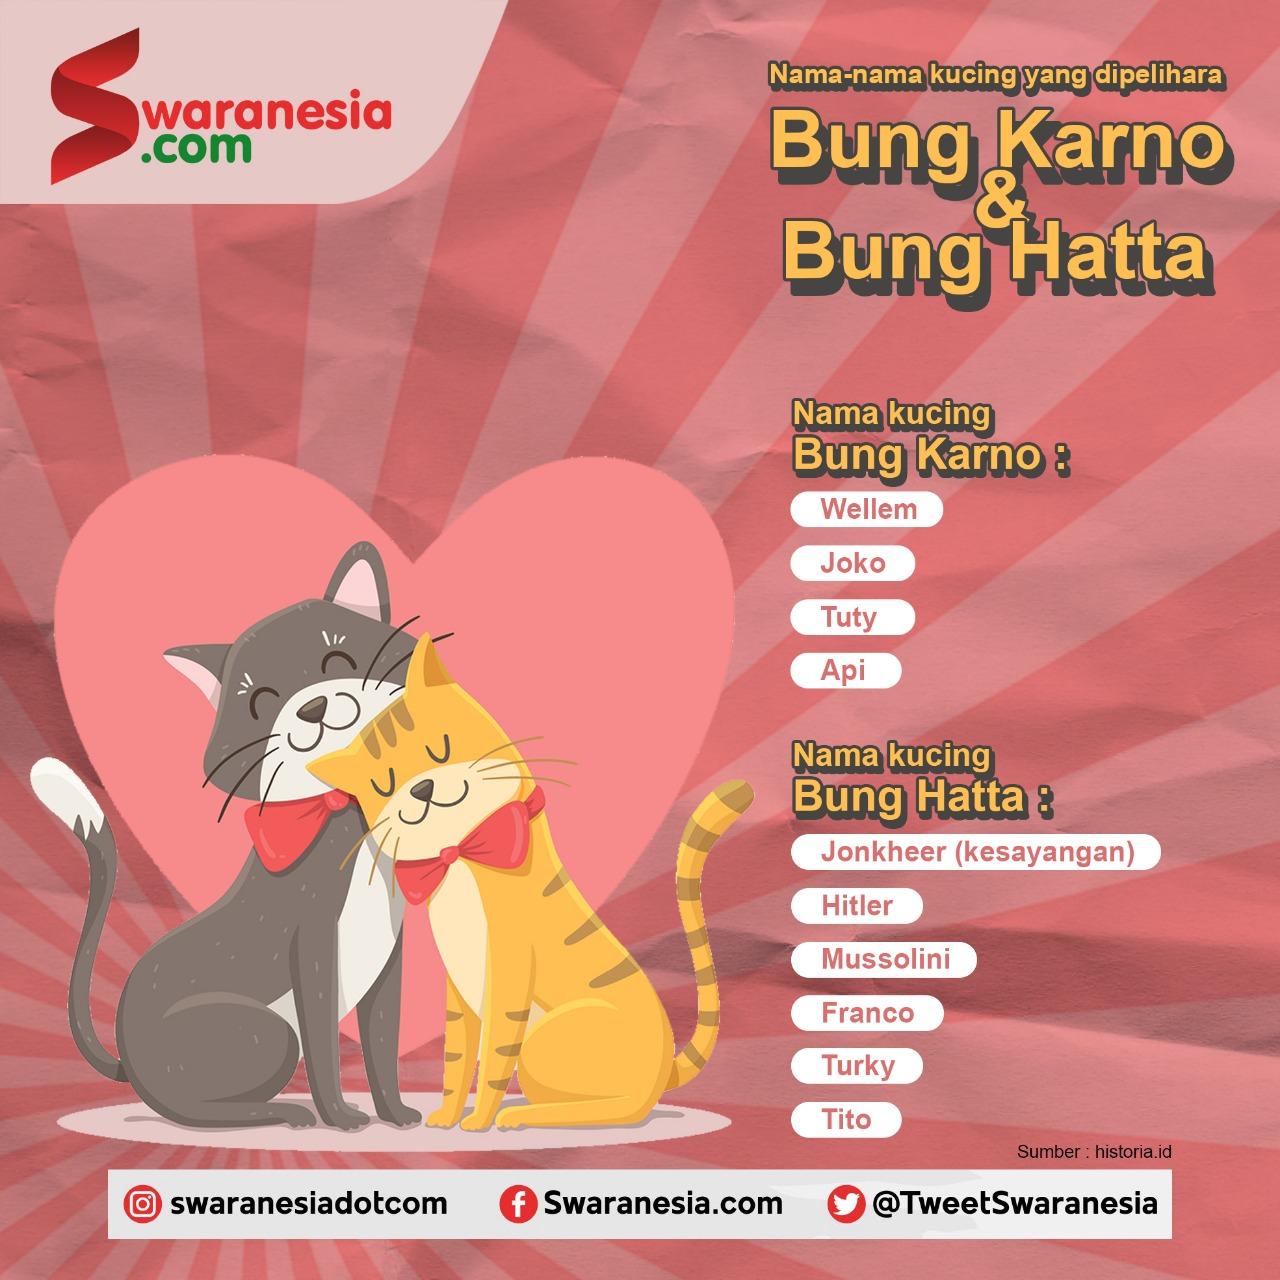 Ternyata Sukarno Hatta Sangat Menyukai Kucing Ini Nama Namanya News And Entertainment